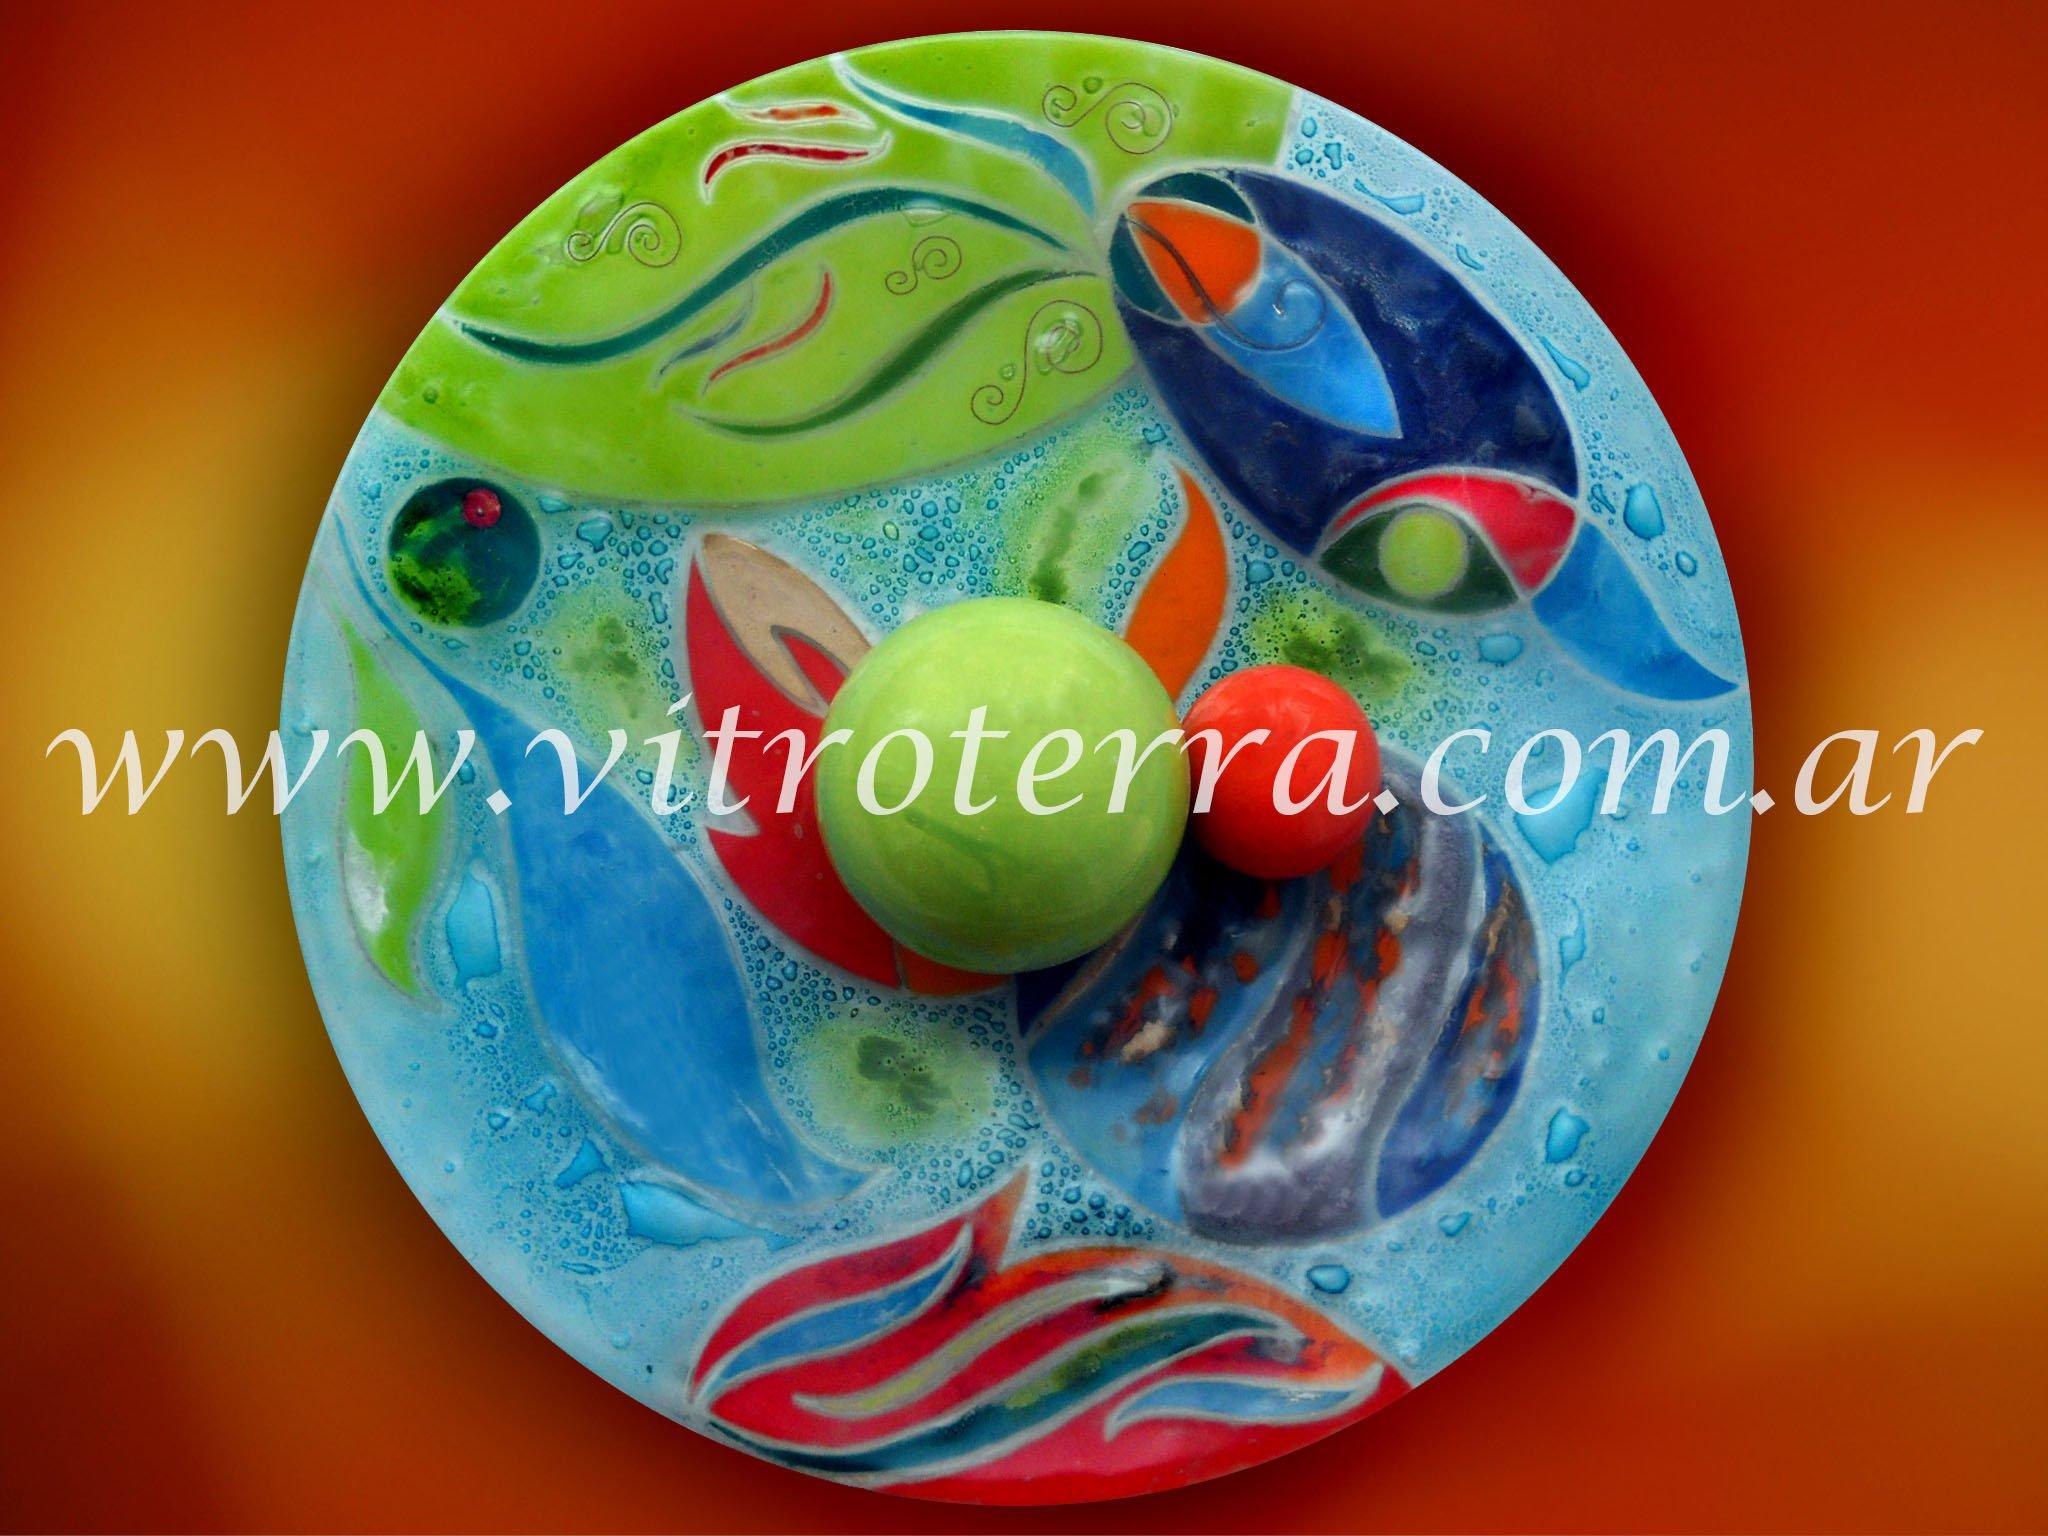 Centro circular de vidrio Vida-Submarina